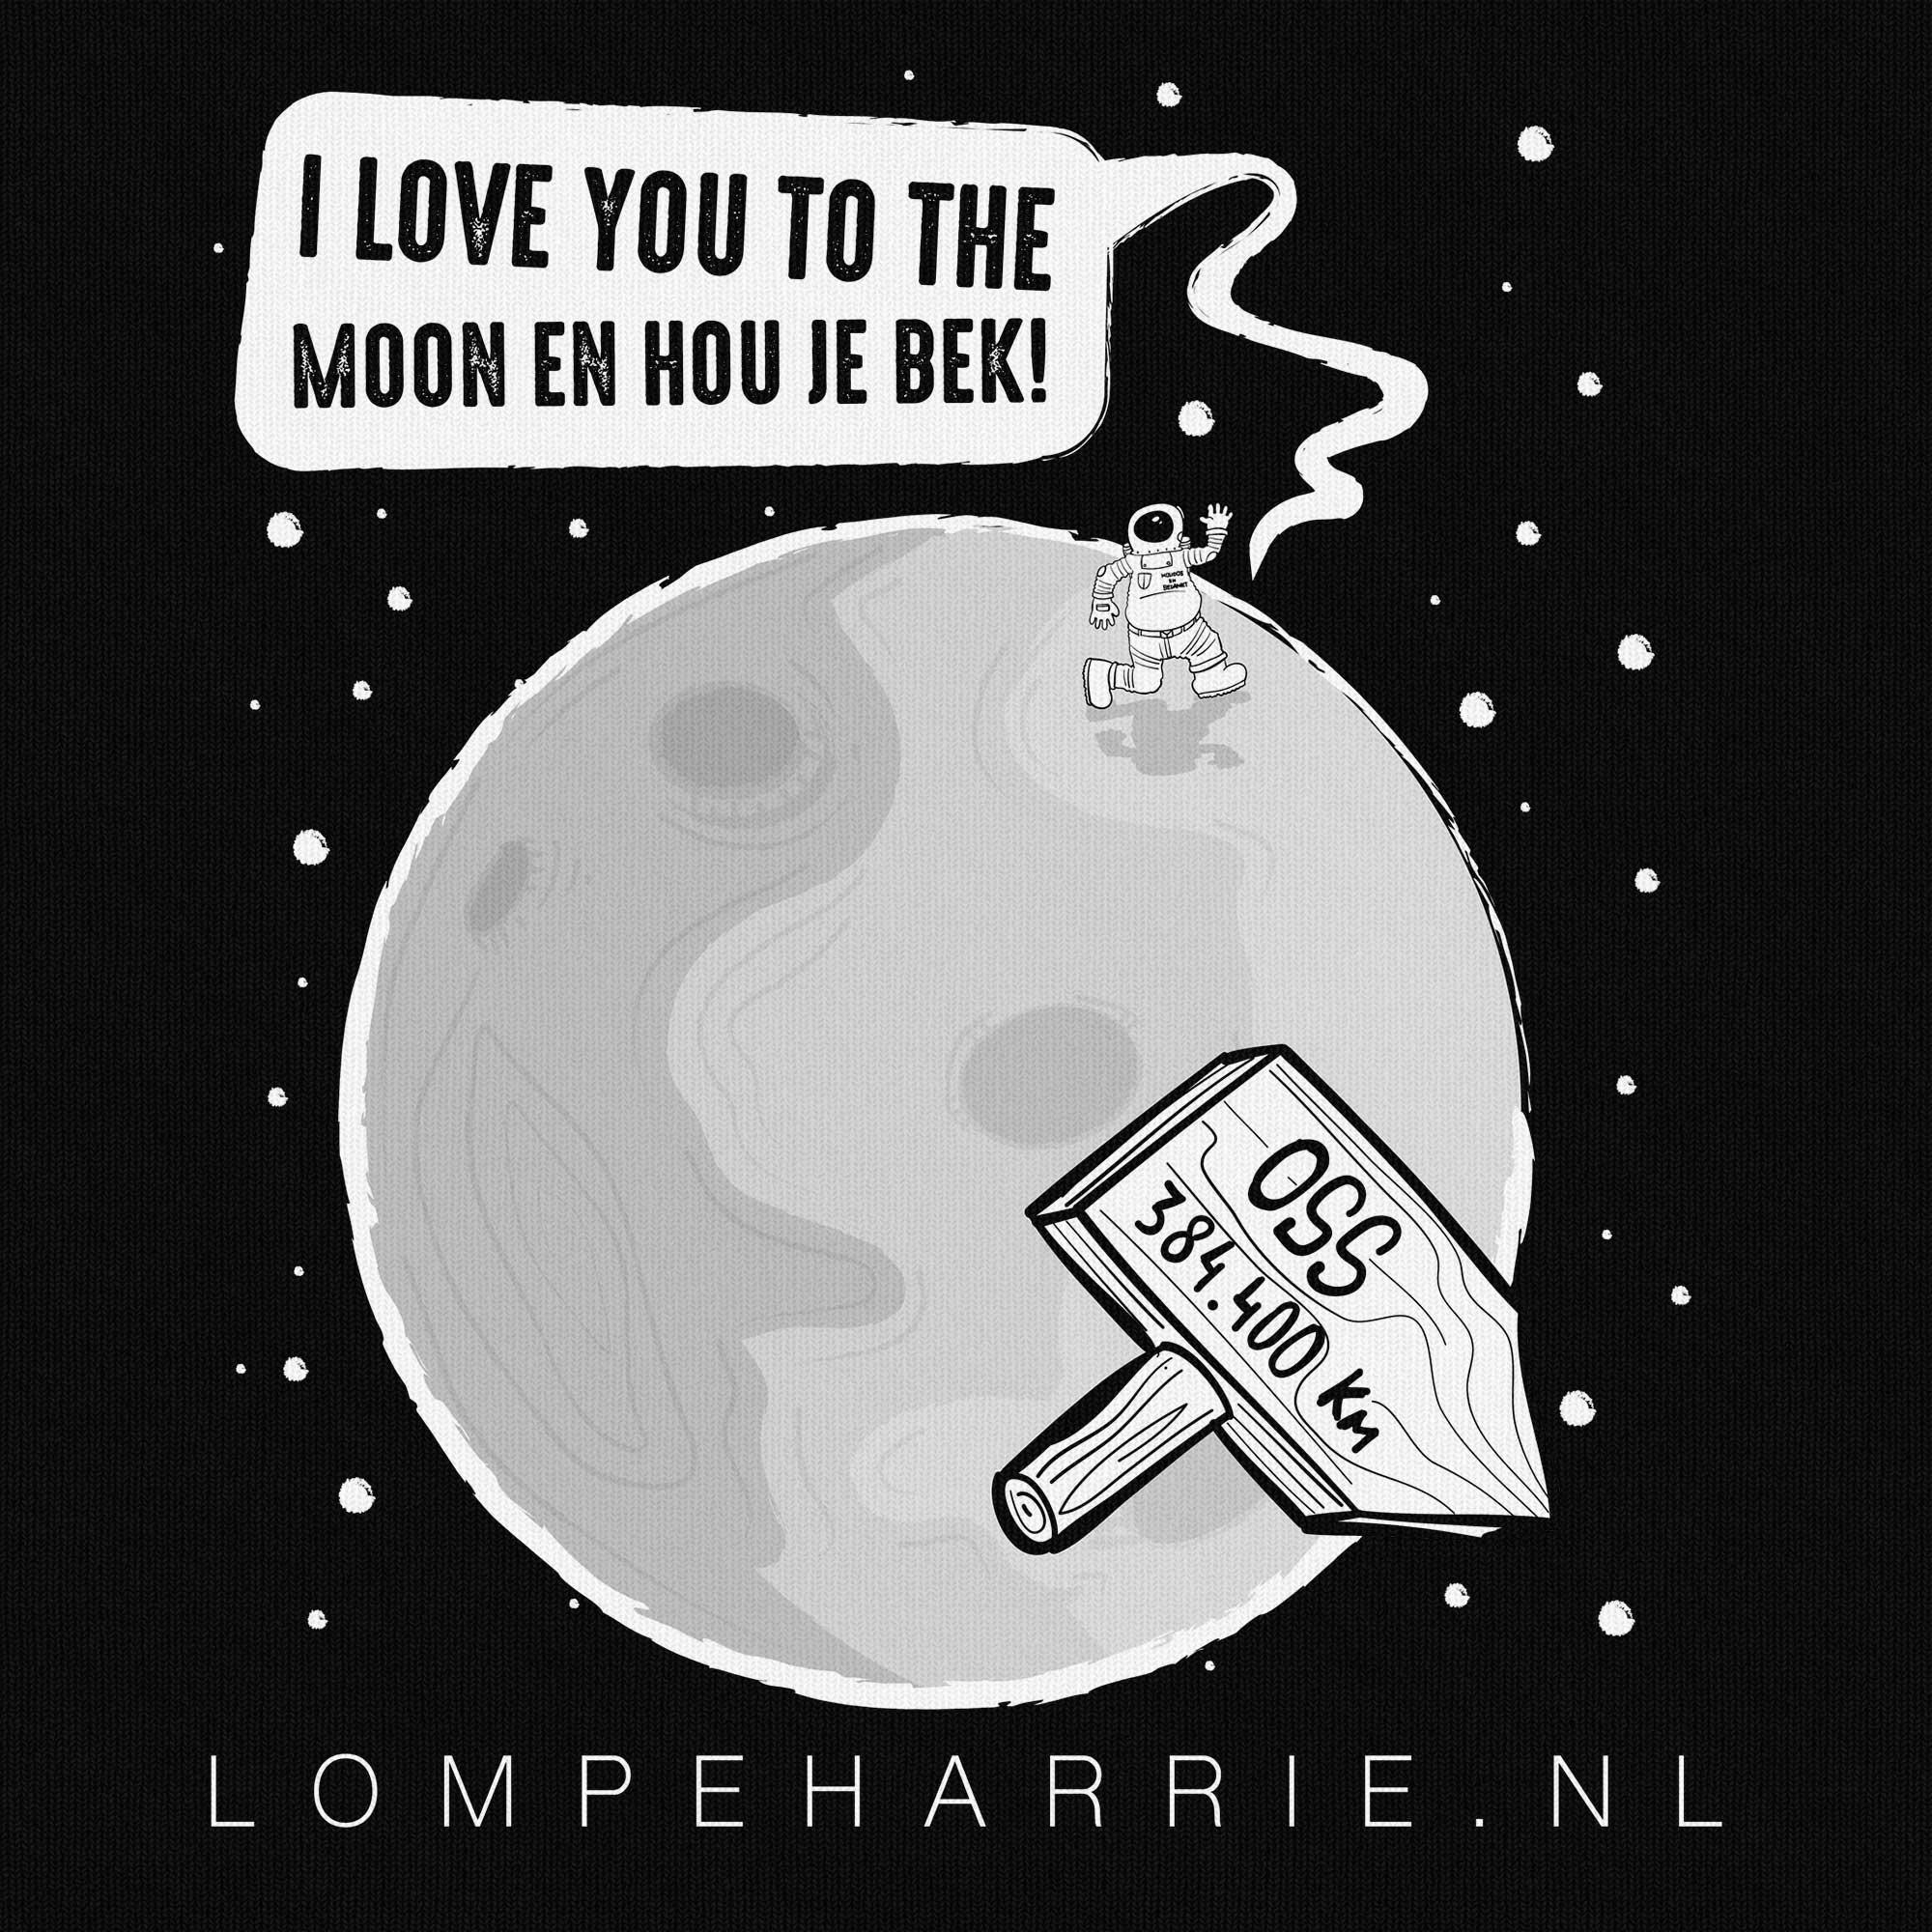 Osse producten, hart voor oss, lompe harrie, lompe harry, I love you to the moon en hou je bek